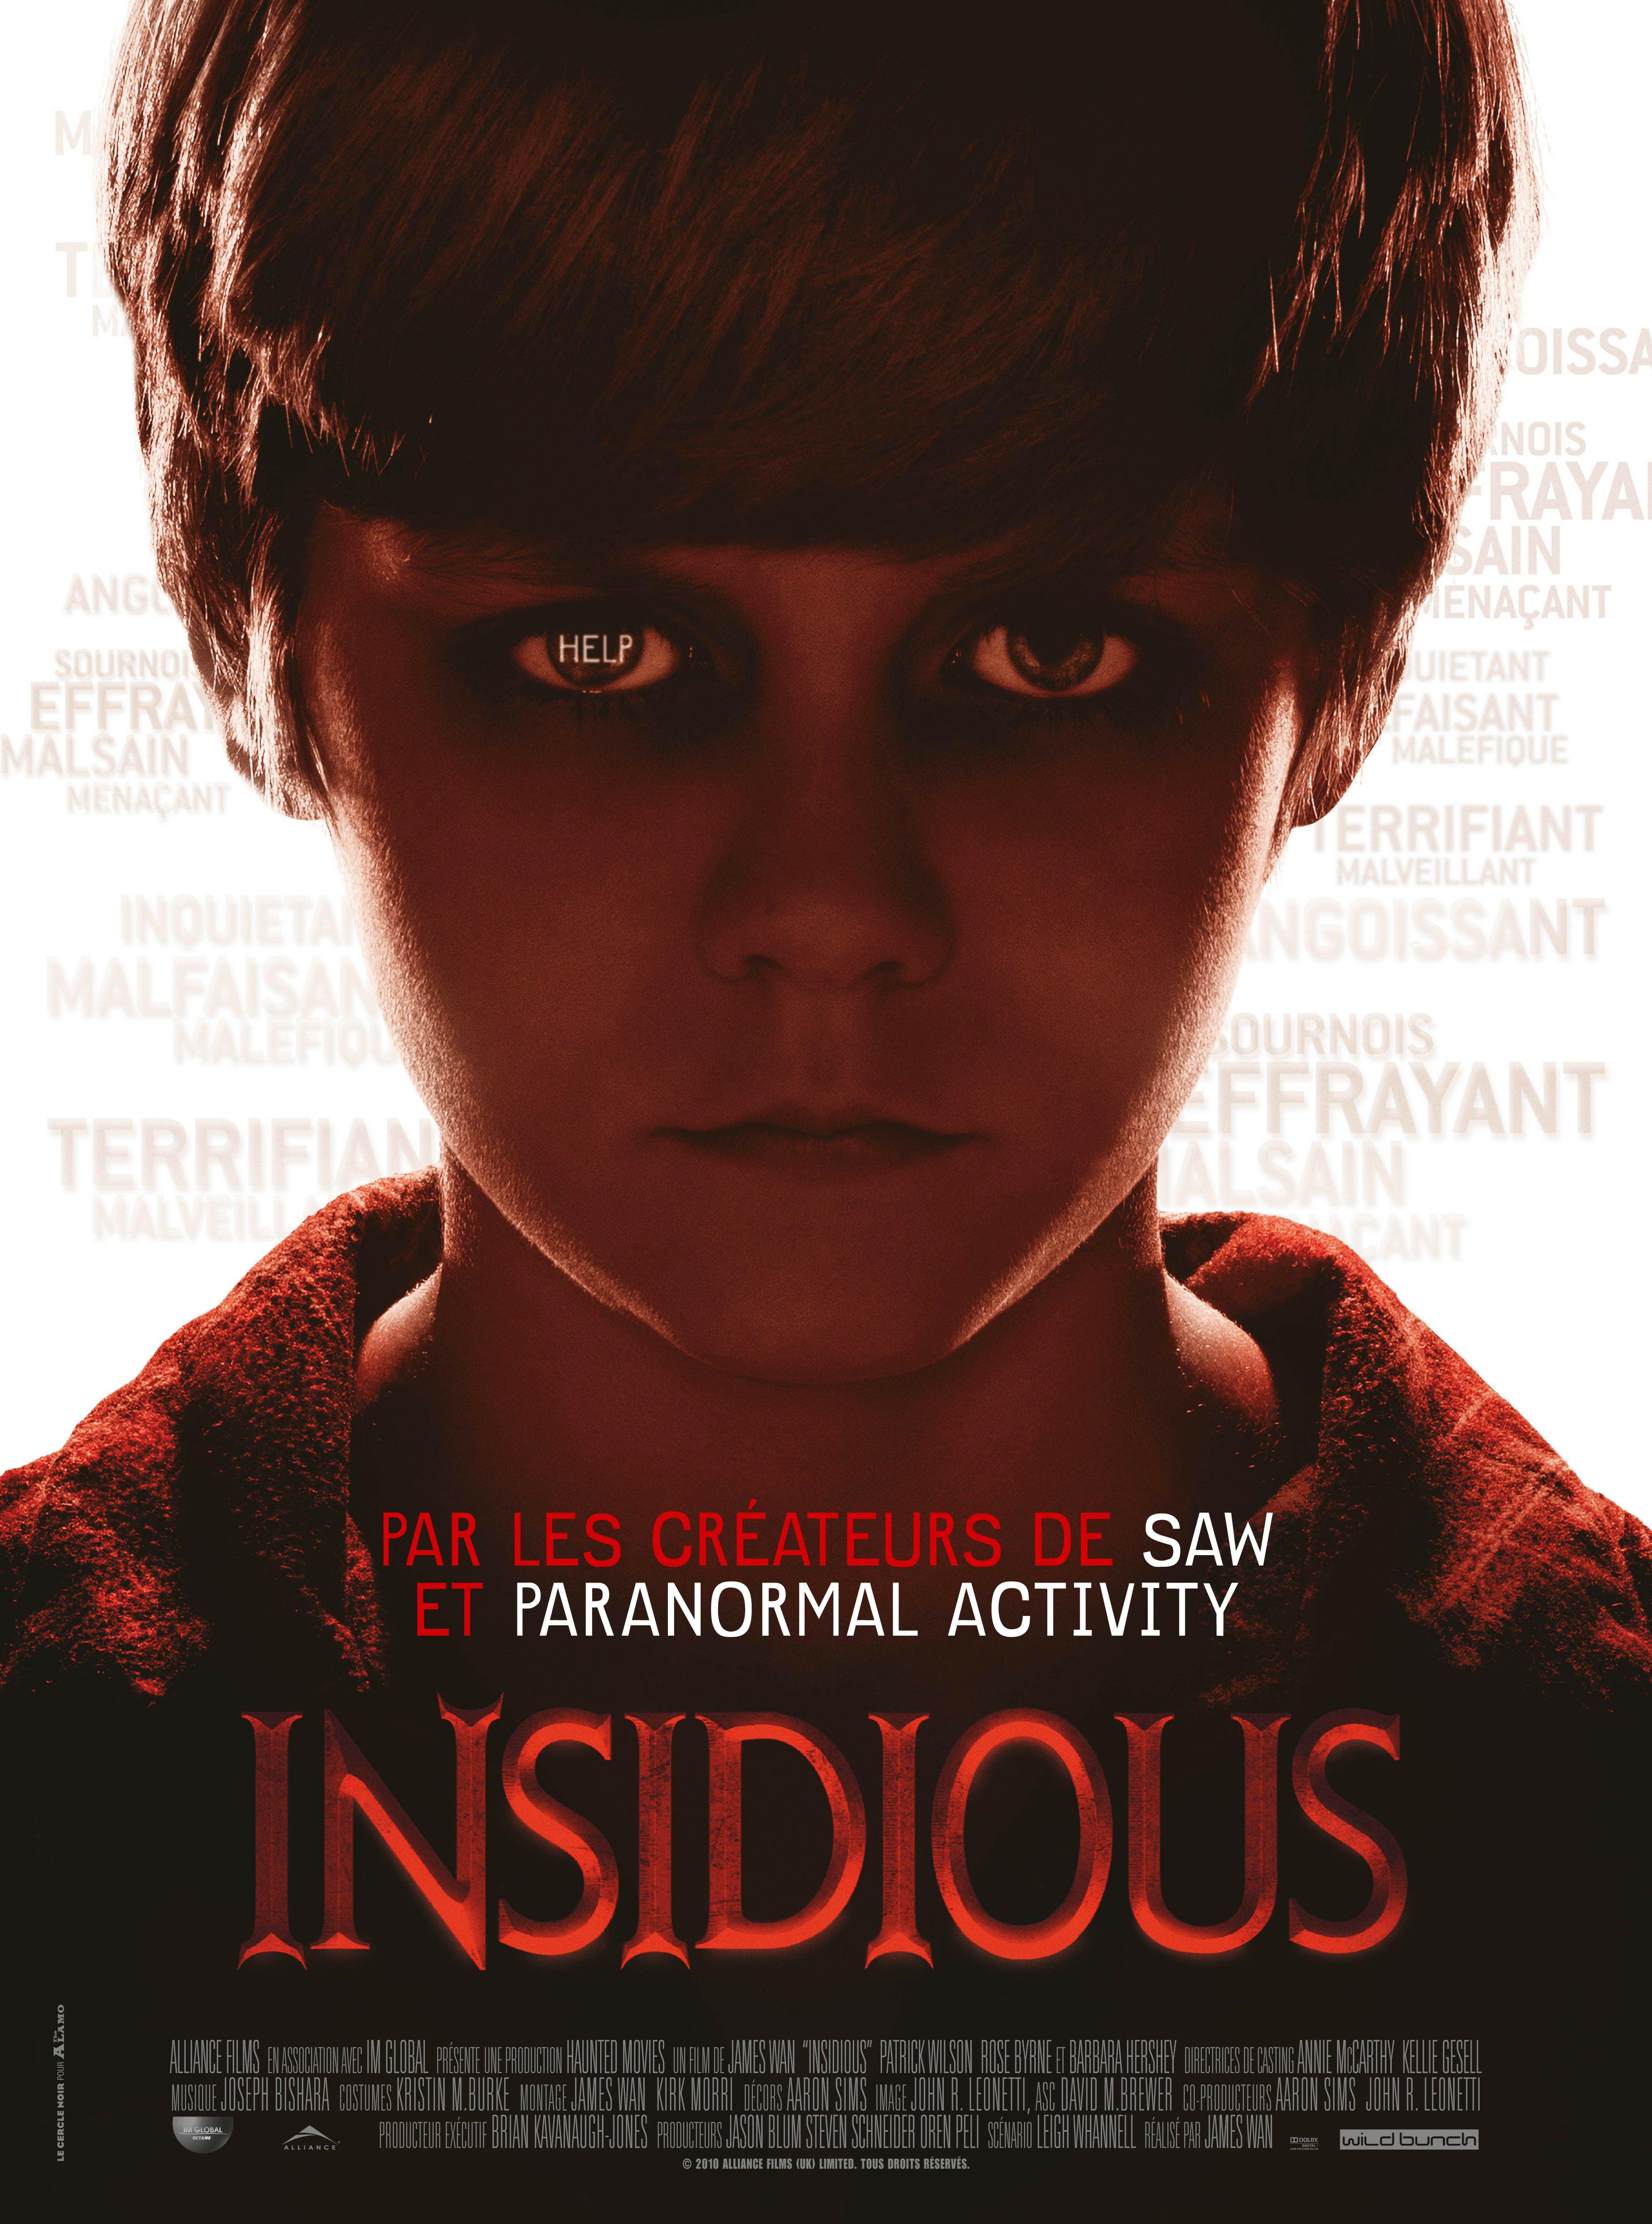 affiche du film Insidious